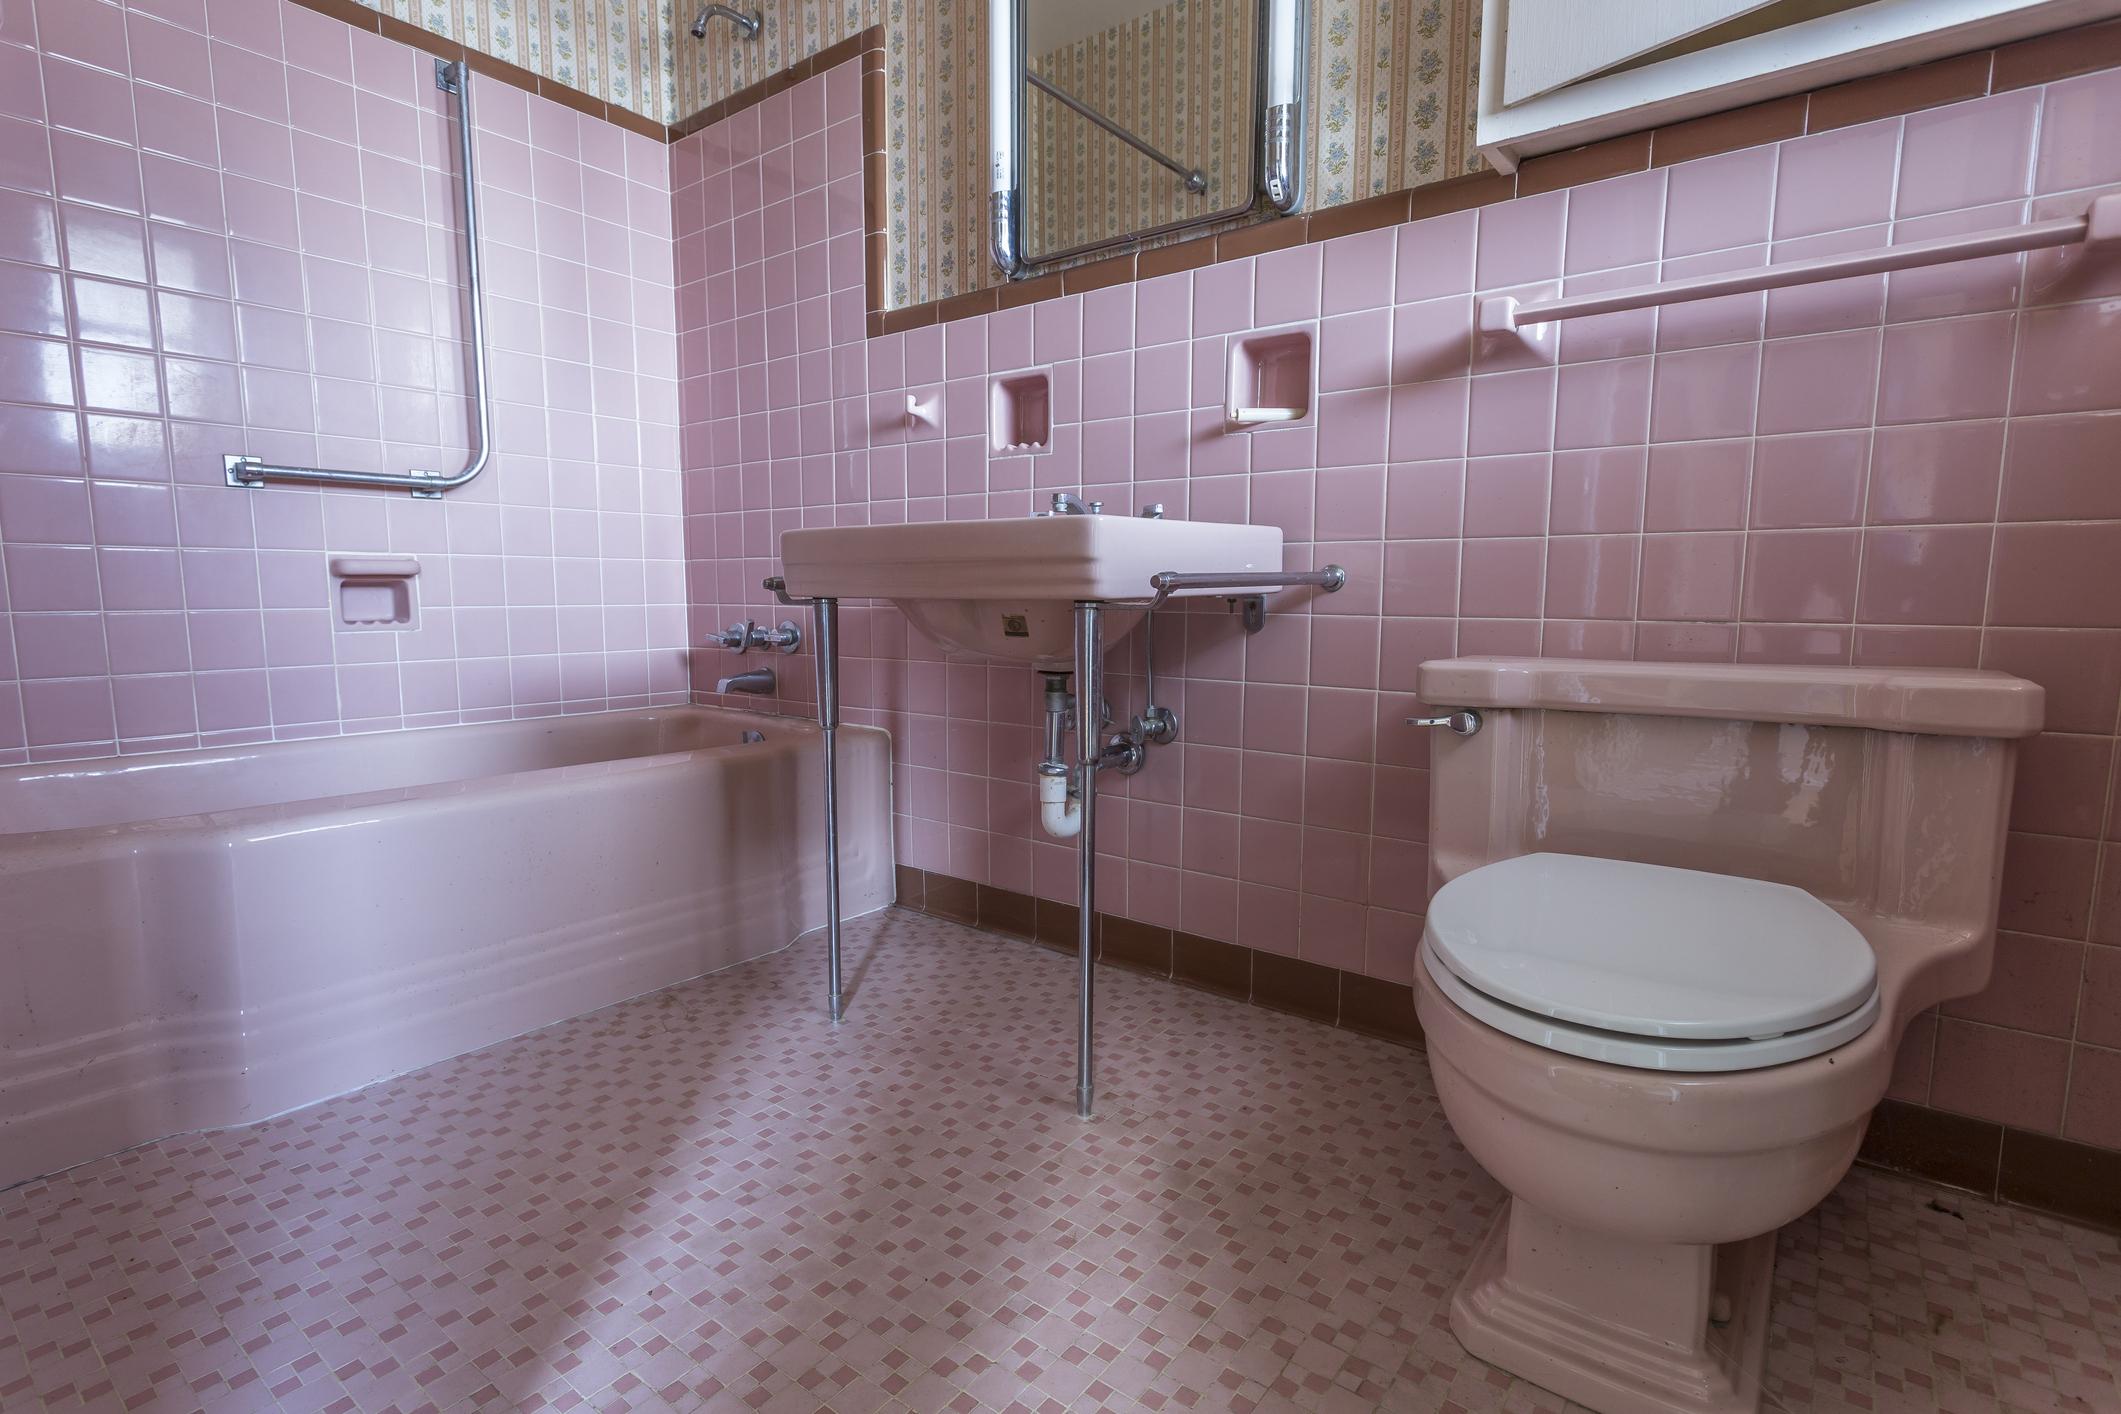 Розови плочки в банята. Класика в жанра, както се казва. Но ако не ви се занимава с ремонт или пребоядисване на стените (ако по тях няма плочки), то може да сложите малки постелки за баня в розово, да добавите и други акценти в този цвят.